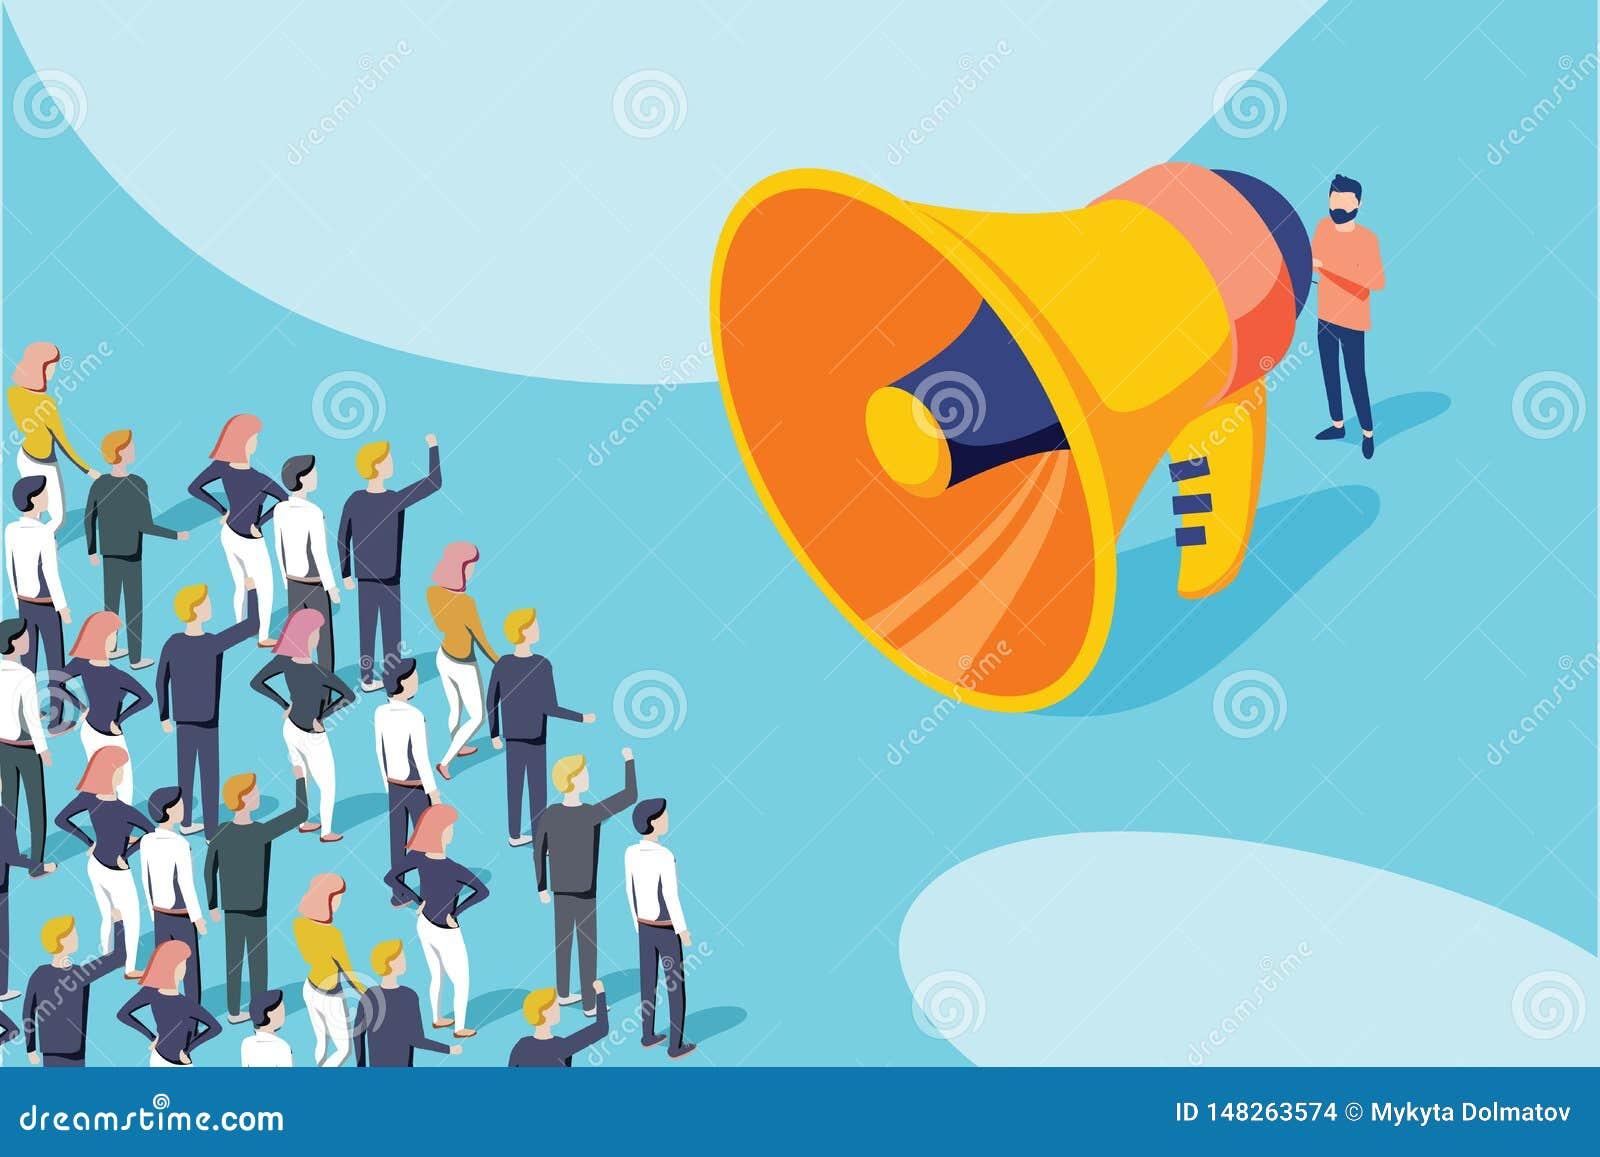 Isometrische vector van een zakenman of politicus die met megafoon tot een aankondiging een maken aan een menigte van mensen